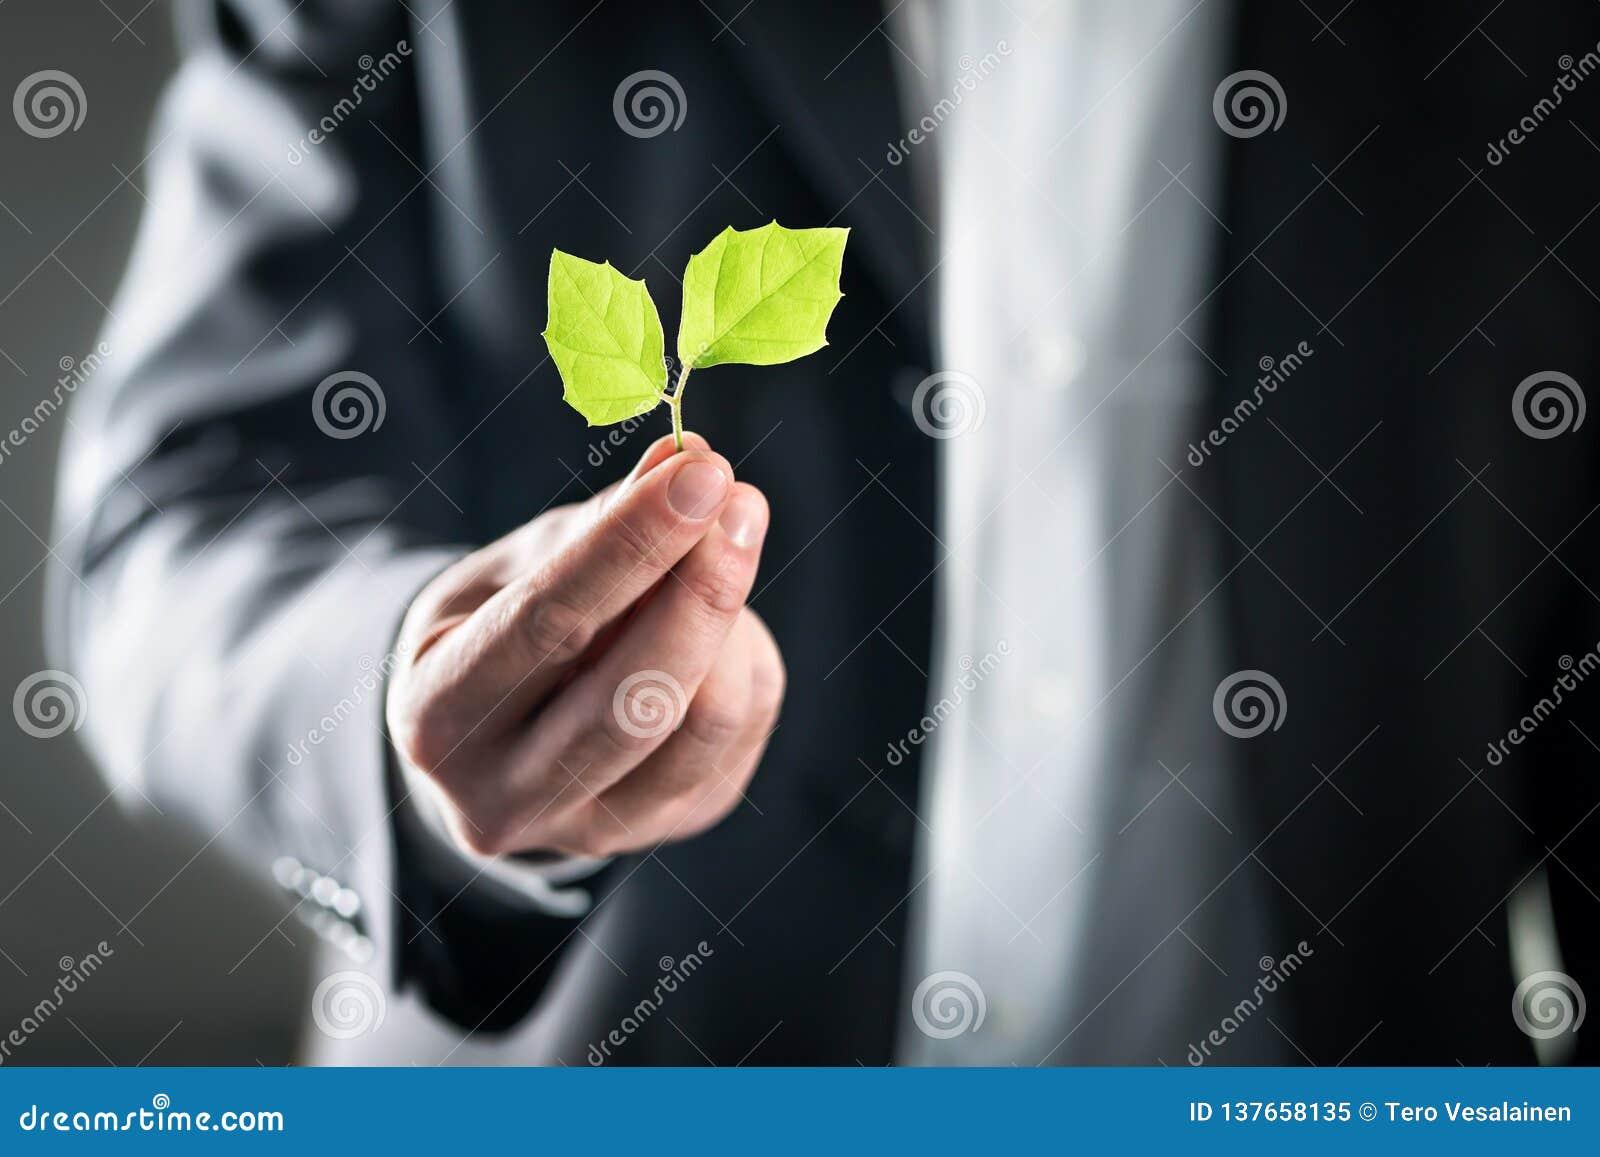 Avvocato di Eco o uomo ambientale amichevole di affari Sviluppo sostenibile, mutamento climatico, ecologia e concetto di orma del